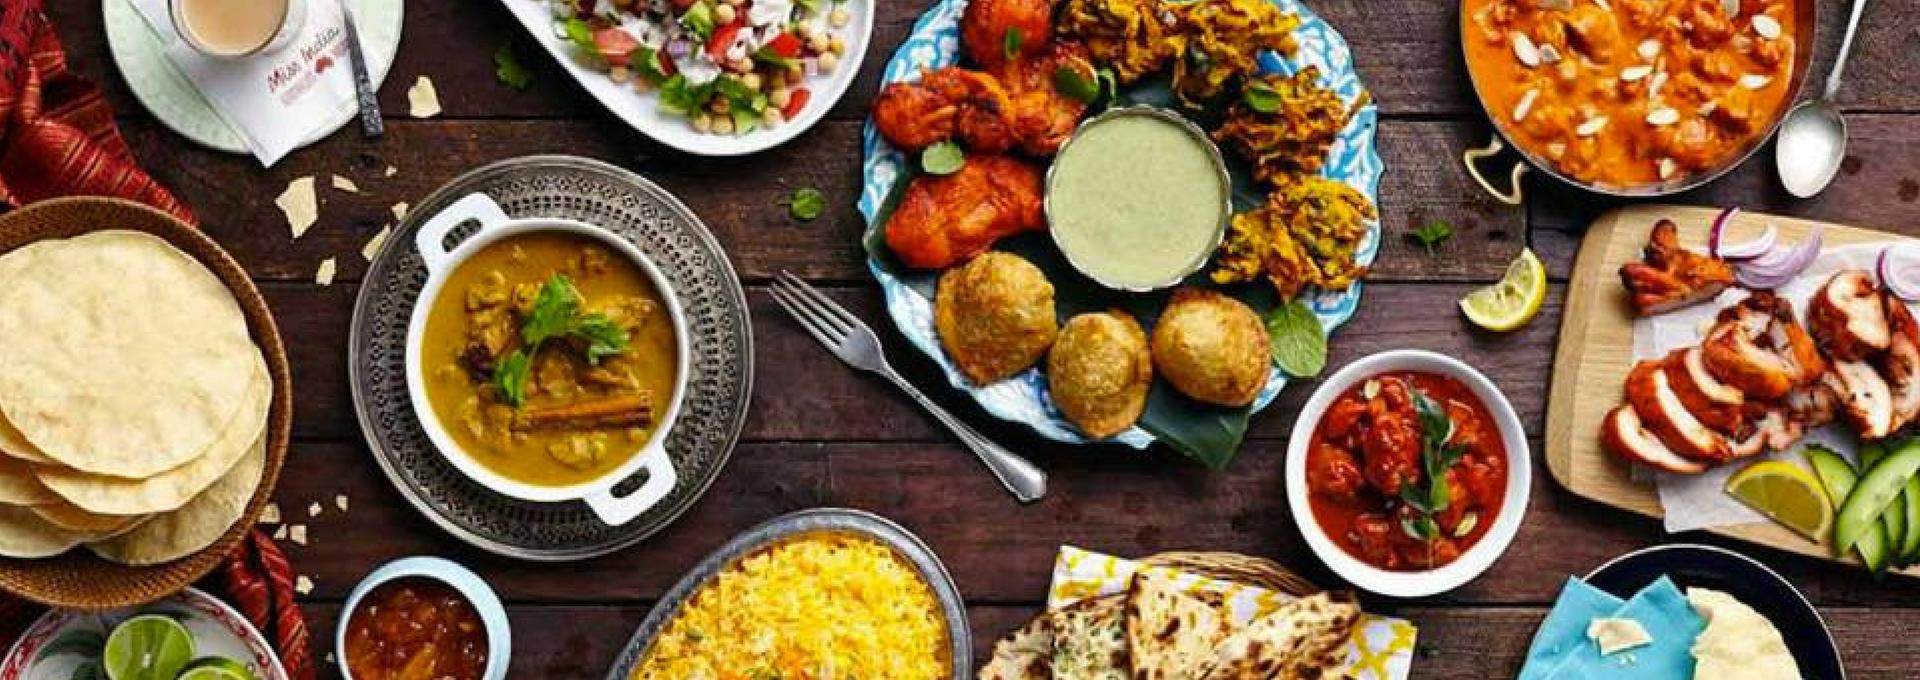 Bg hidpi cuisine india